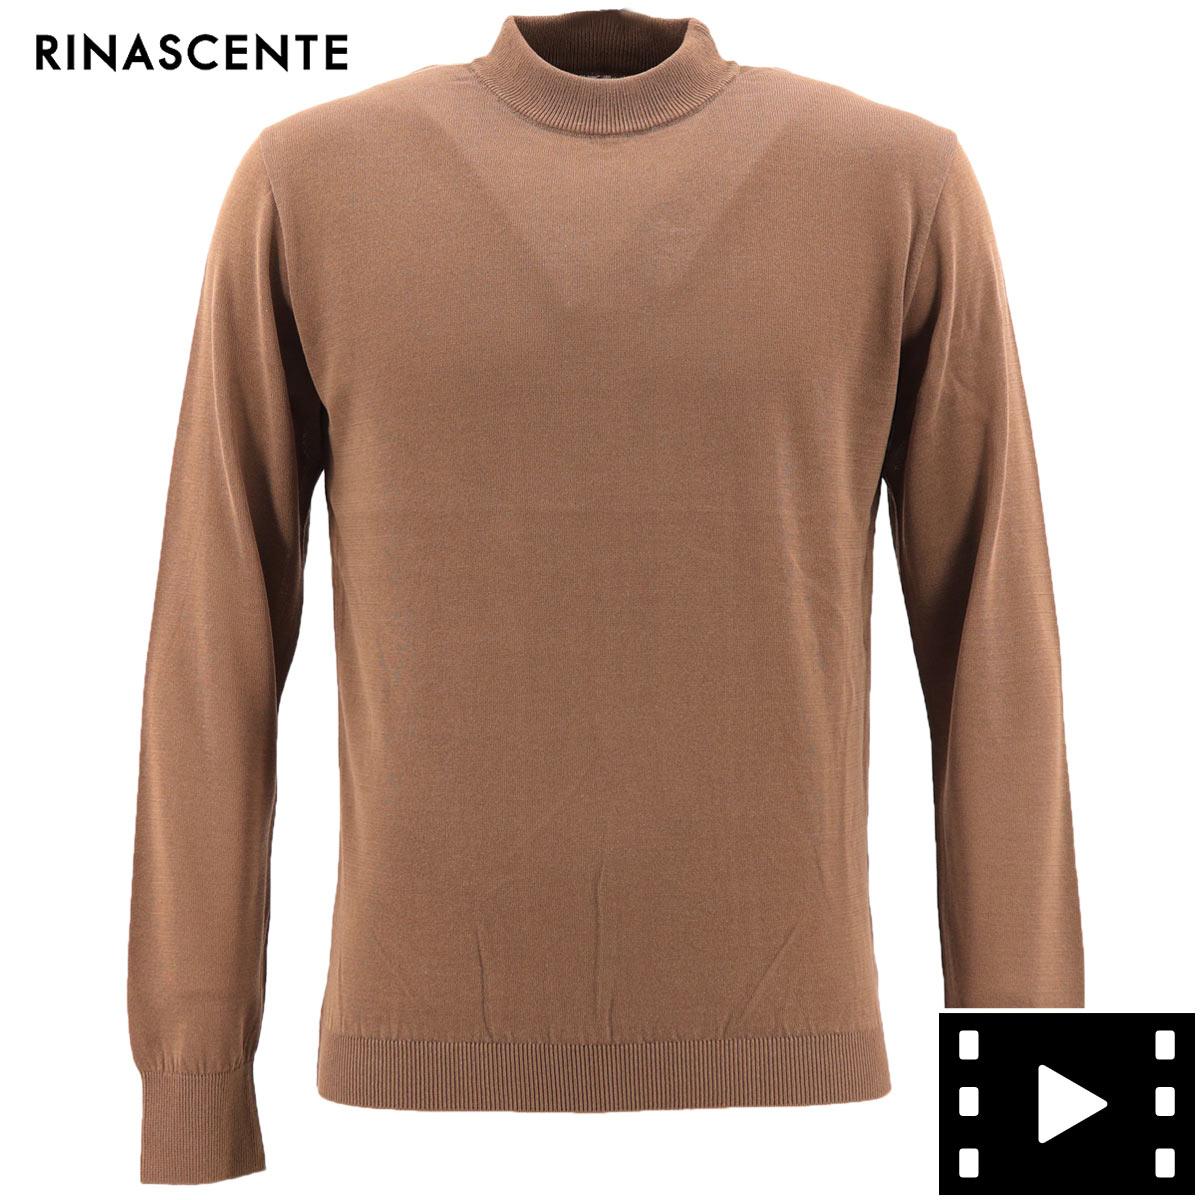 リナシェンテ RINASCENTE メンズ コットン モックネック ハイゲージ サマーニットセーター 203-61805 RST(ブラウン) 春夏新作